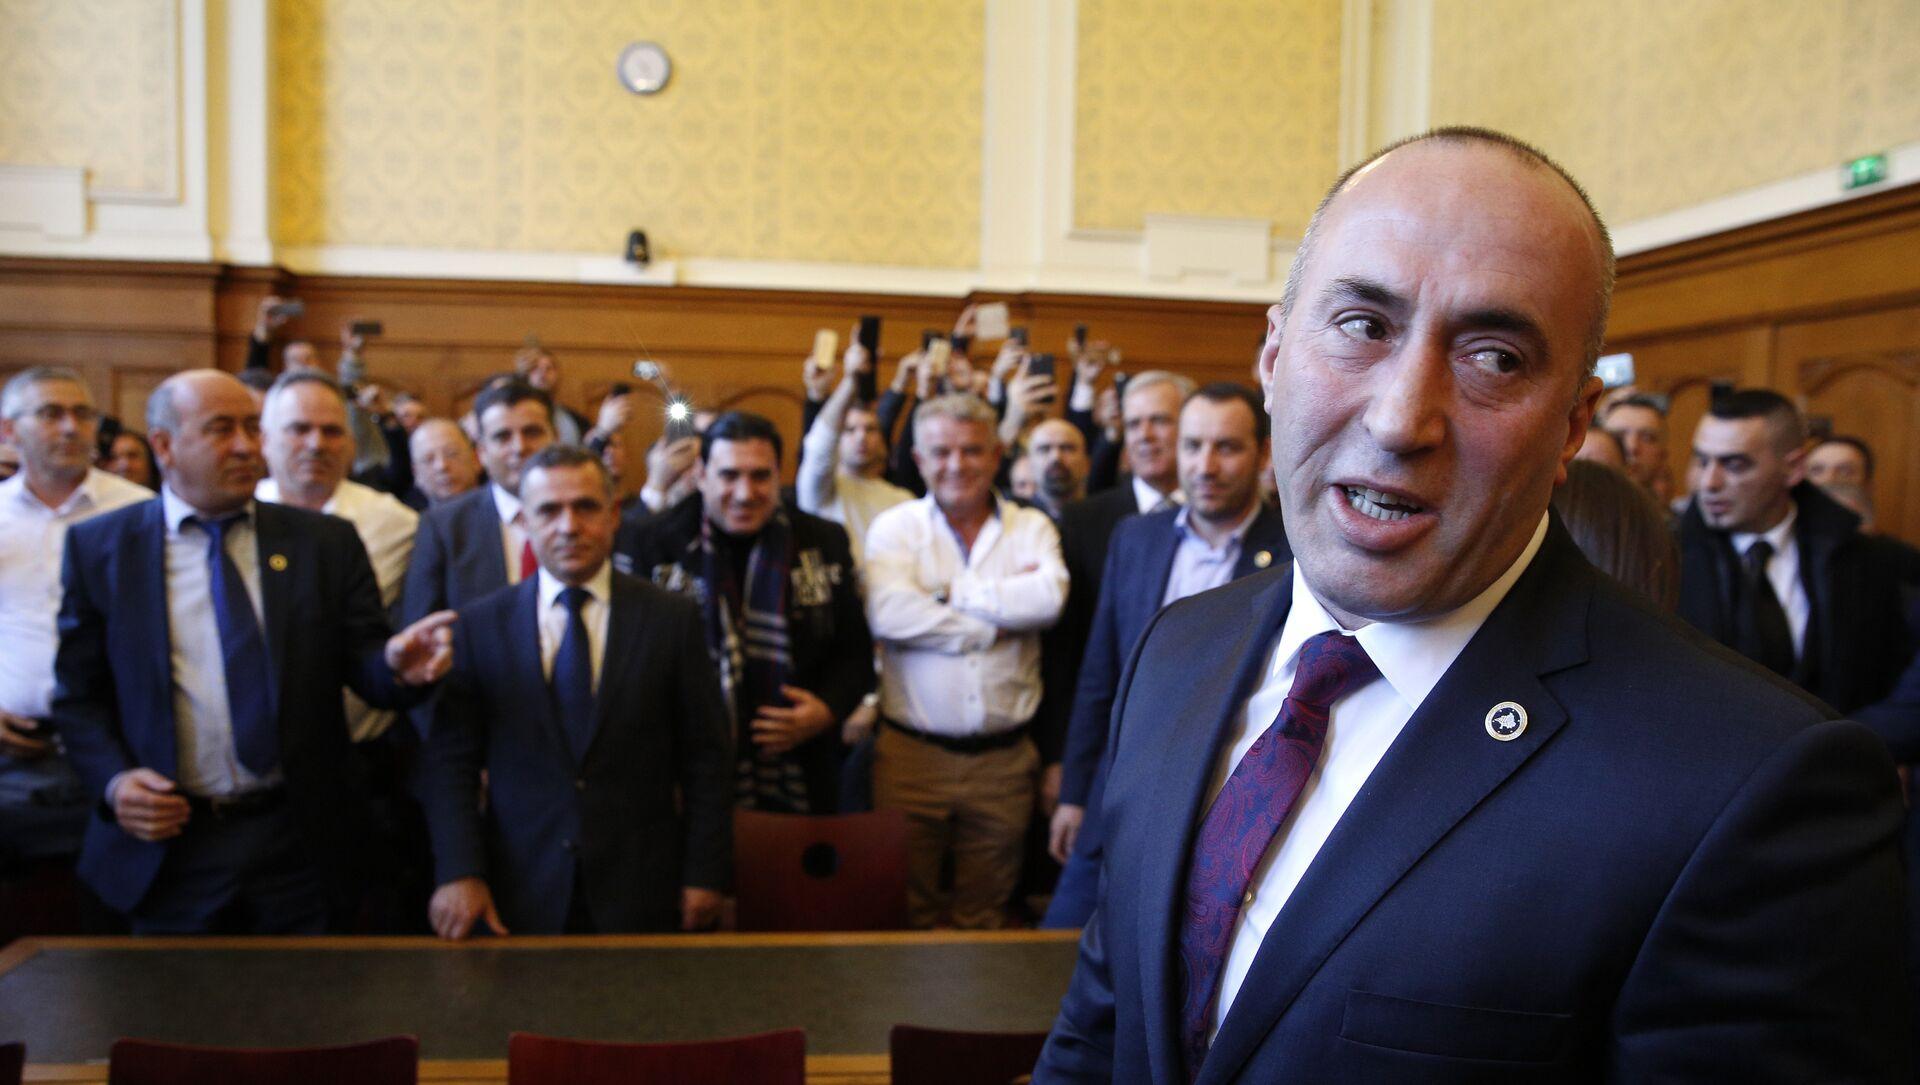 Ramuš Haradinaj - Sputnik Srbija, 1920, 06.02.2021